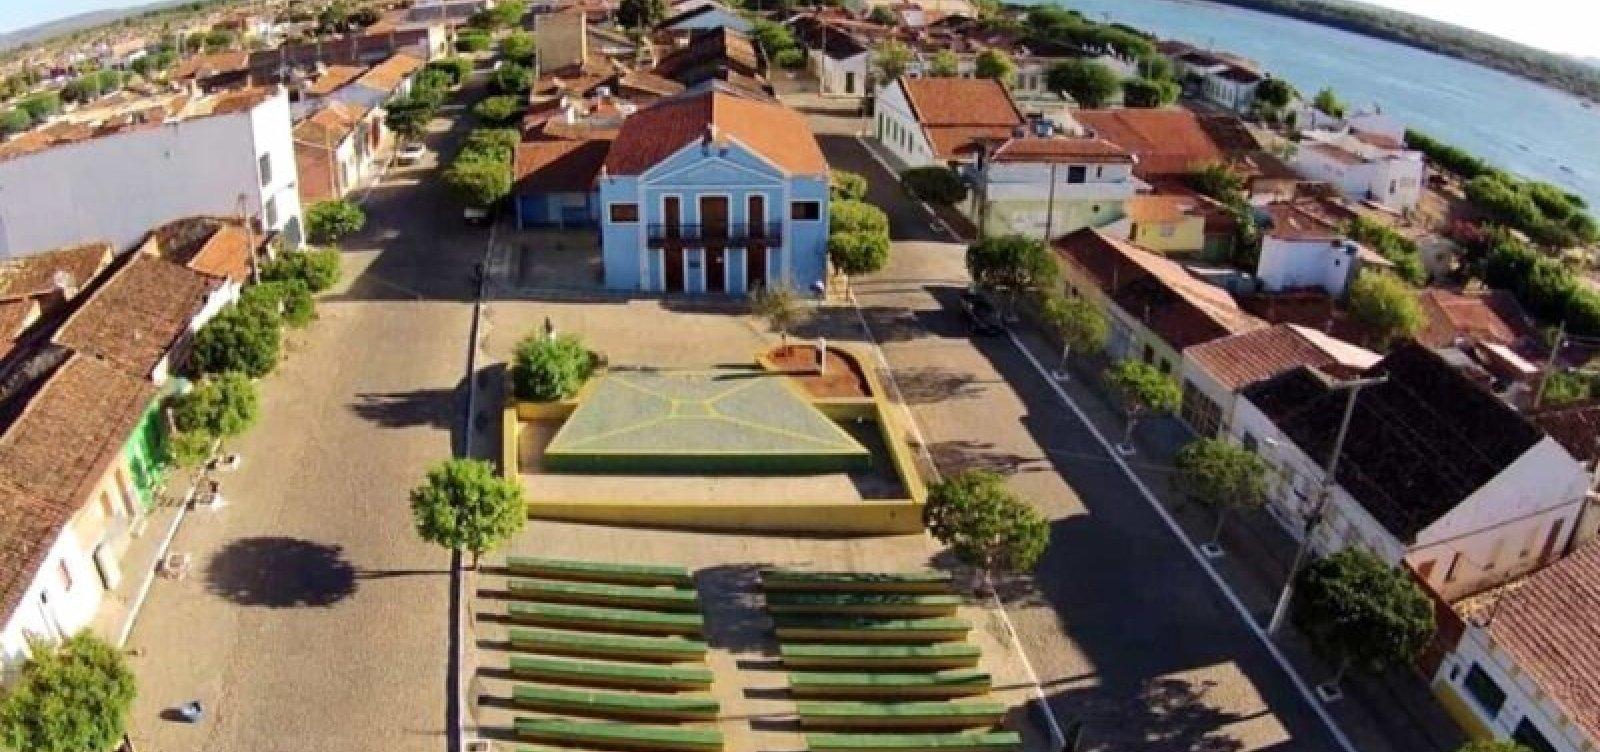 Laboratório Sismológico registra tremor de terra em Curaçá, na Bahia